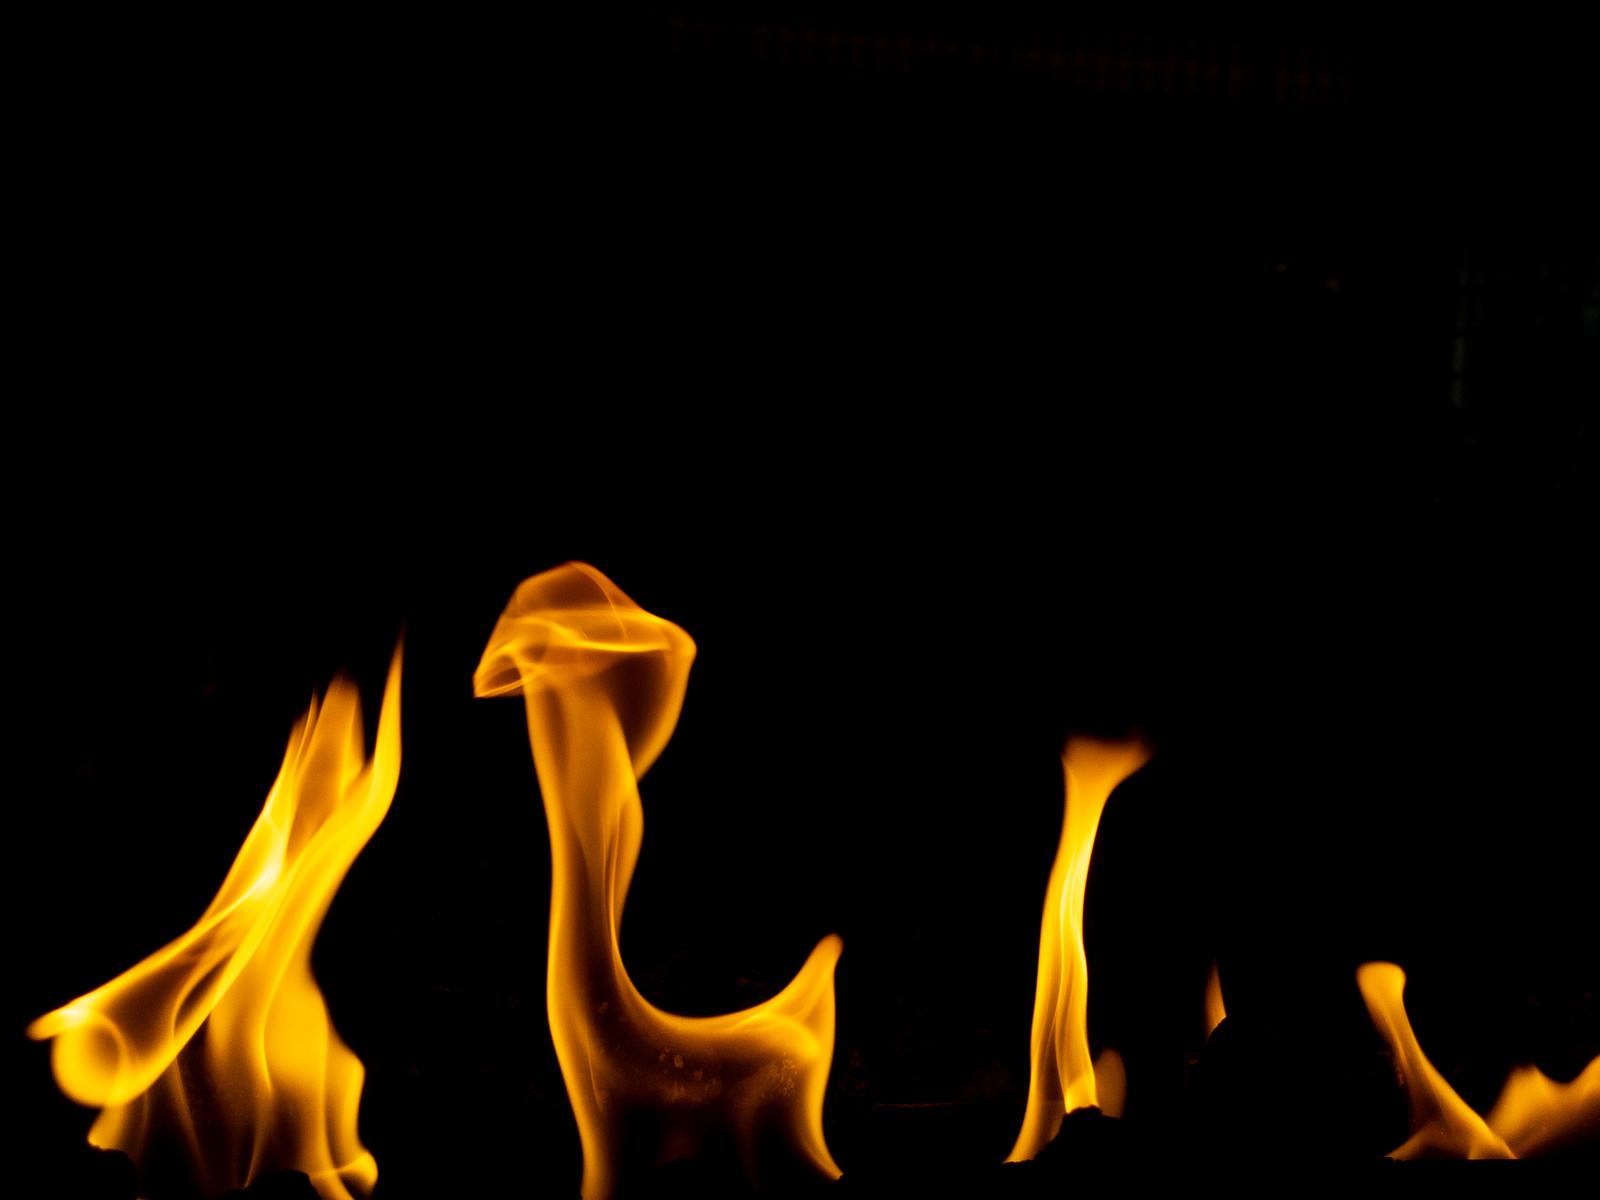 「火の様子」の写真